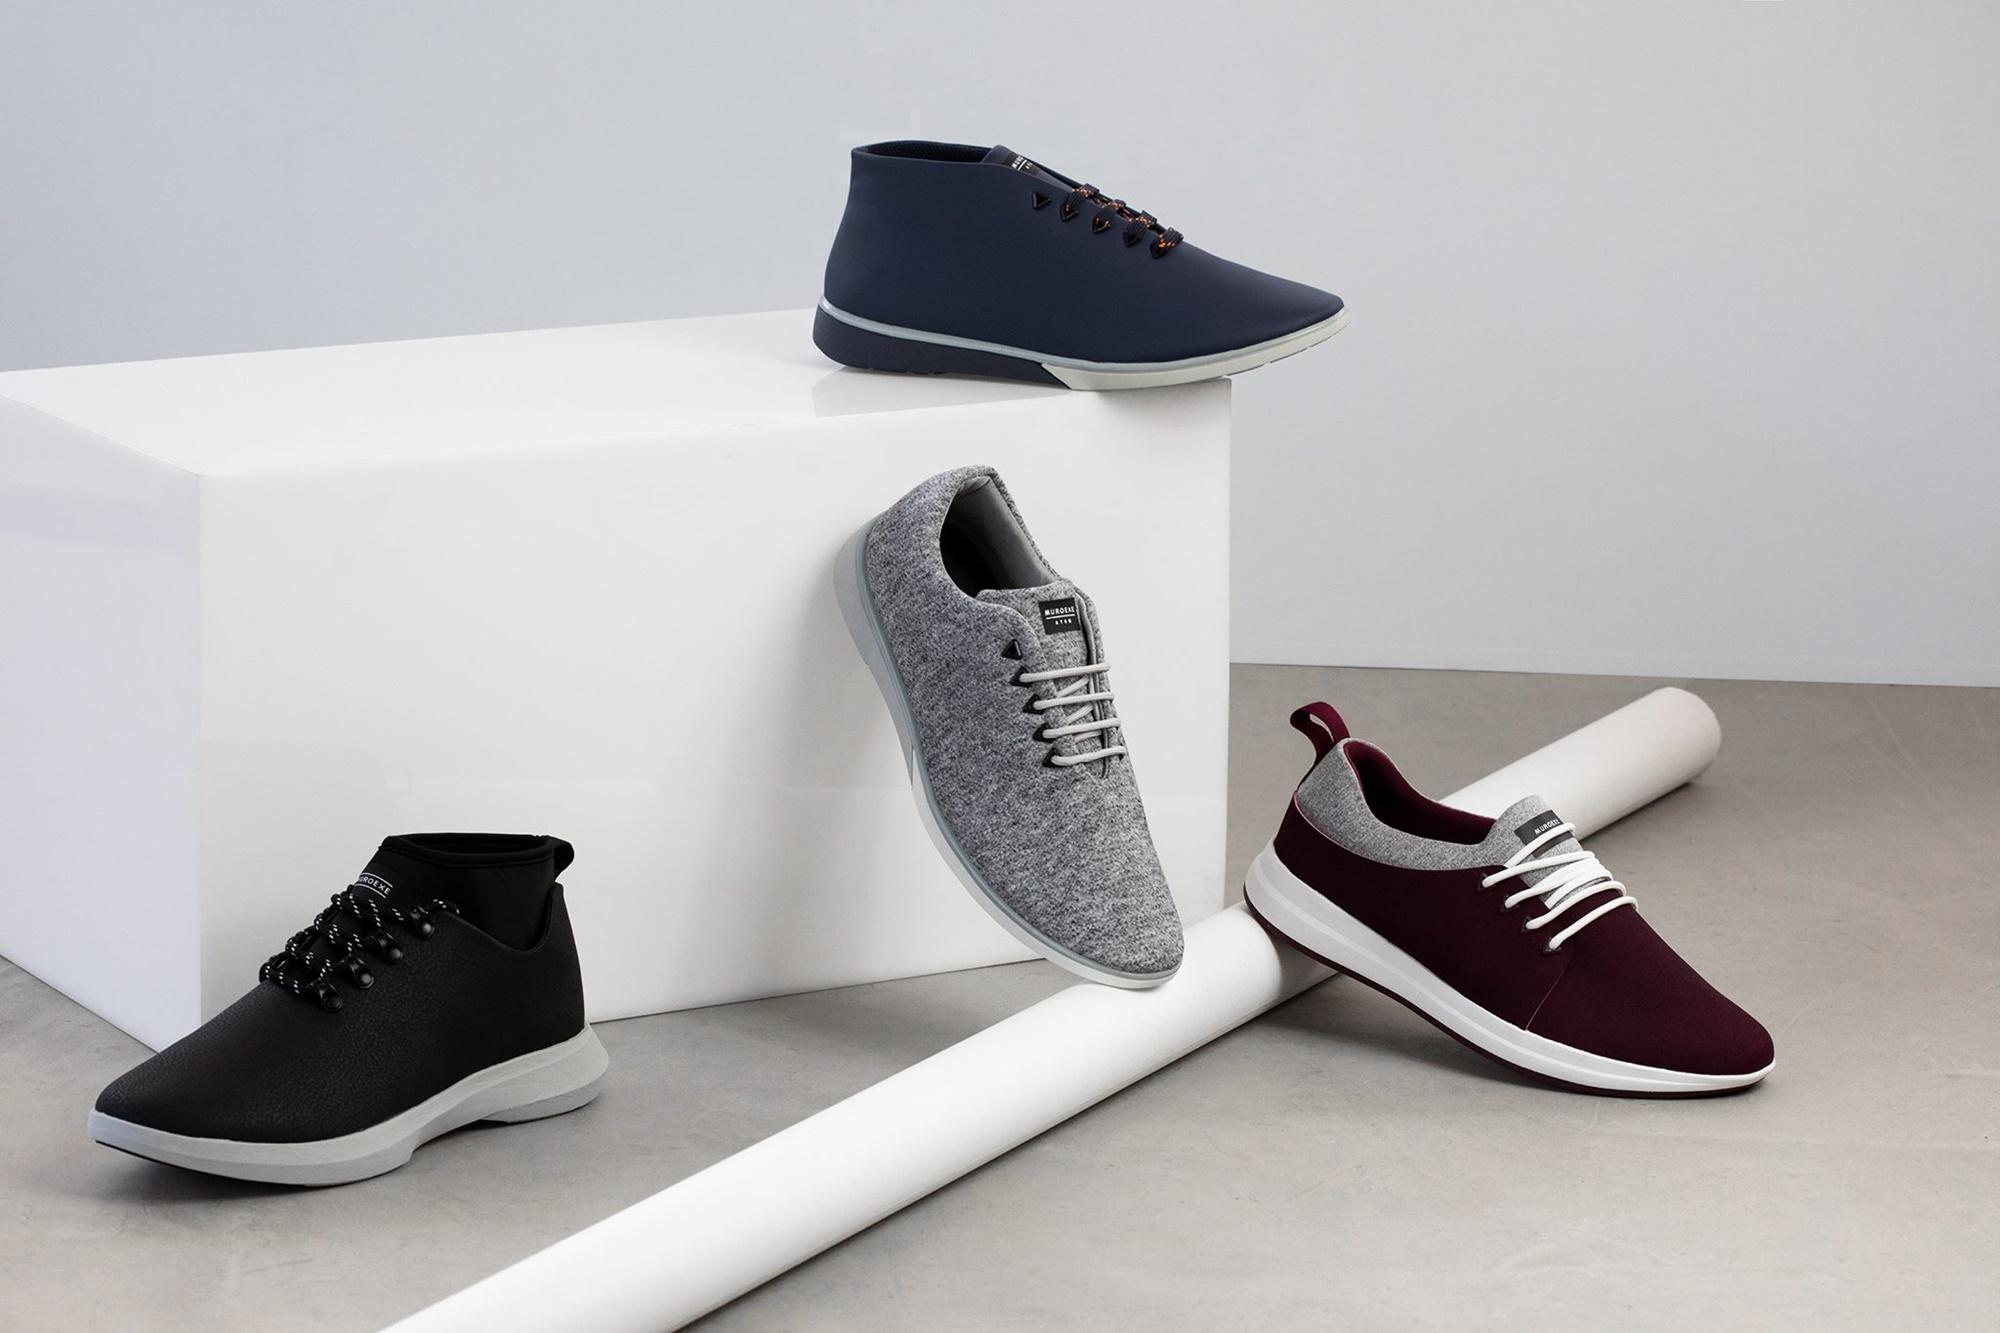 El adorno mínimo y los colores sobrios convierten las zapatillas en un concepto algo más formal. Foto: Muroexe.